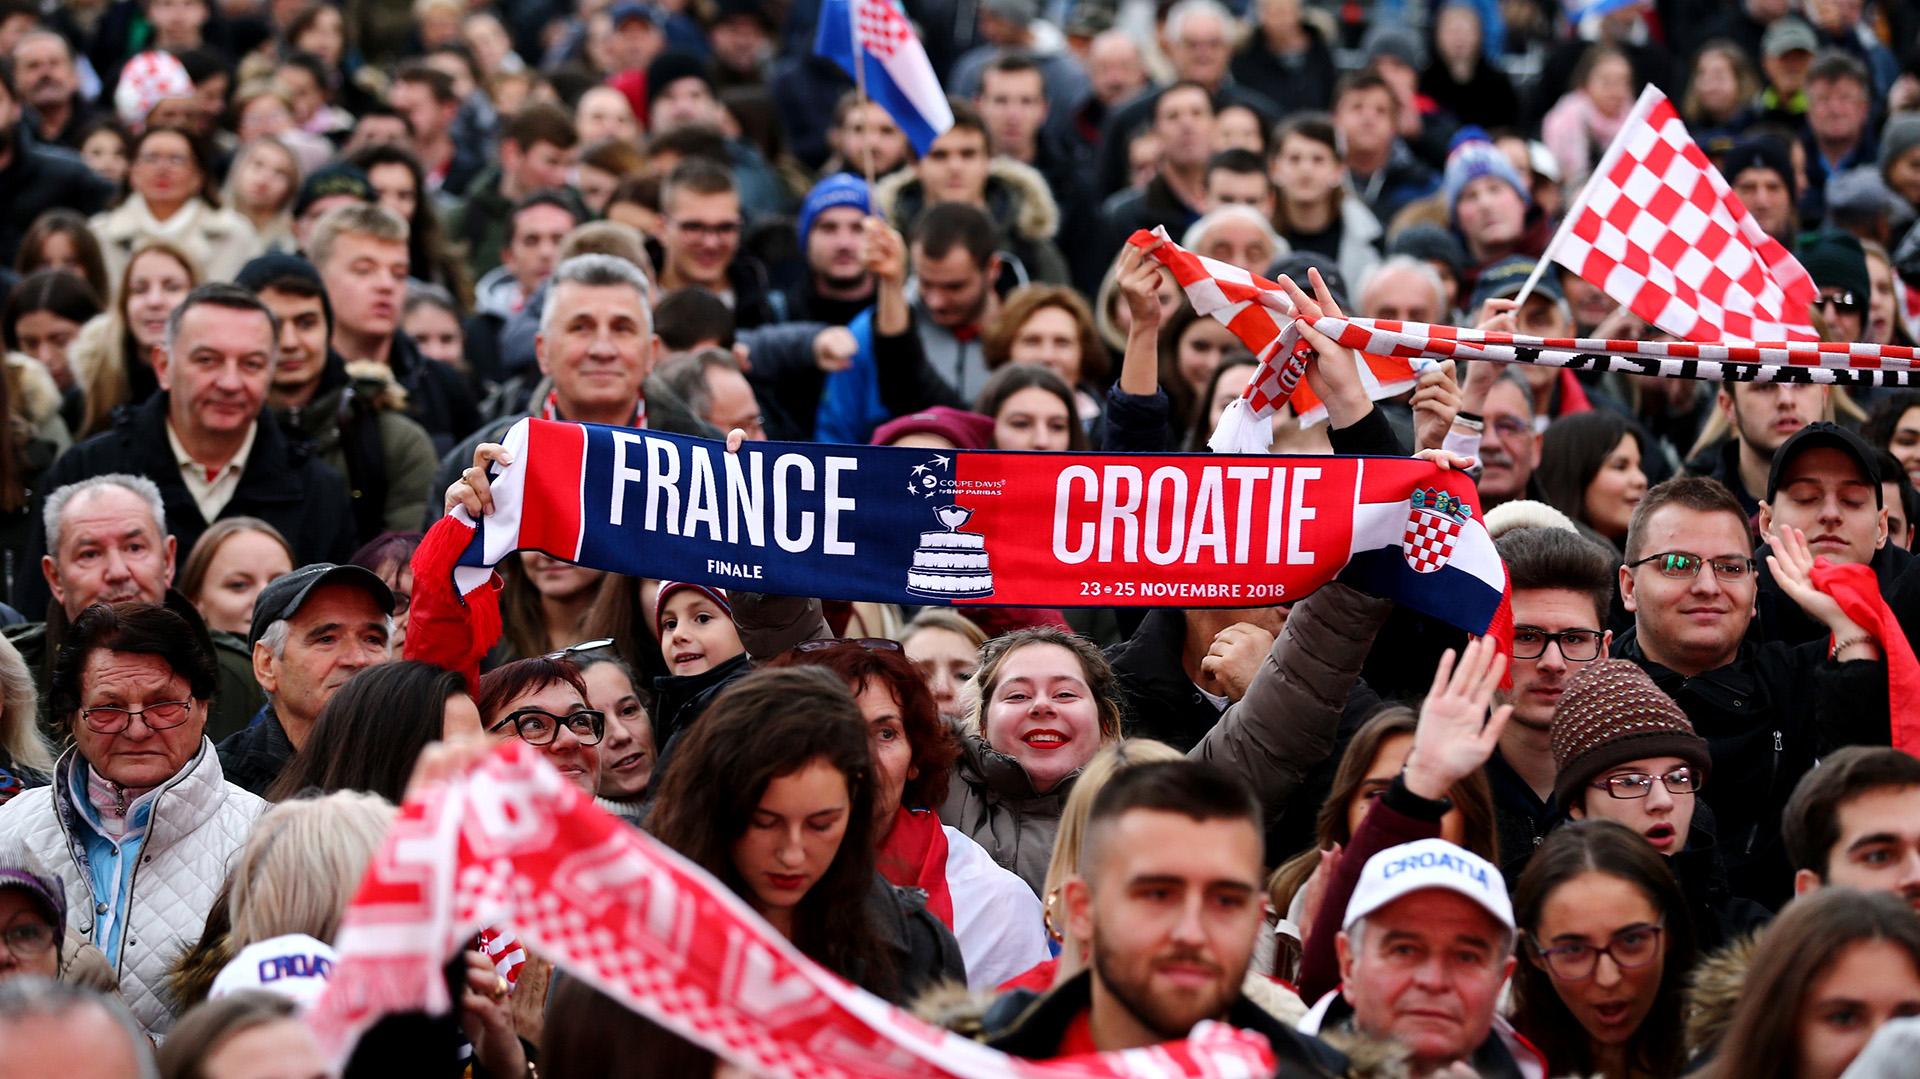 Croacia quedó décimo en la tabla de máximos ganadores de Copa Davis, liderada por Estados Unidos con 32 y Australia con 28